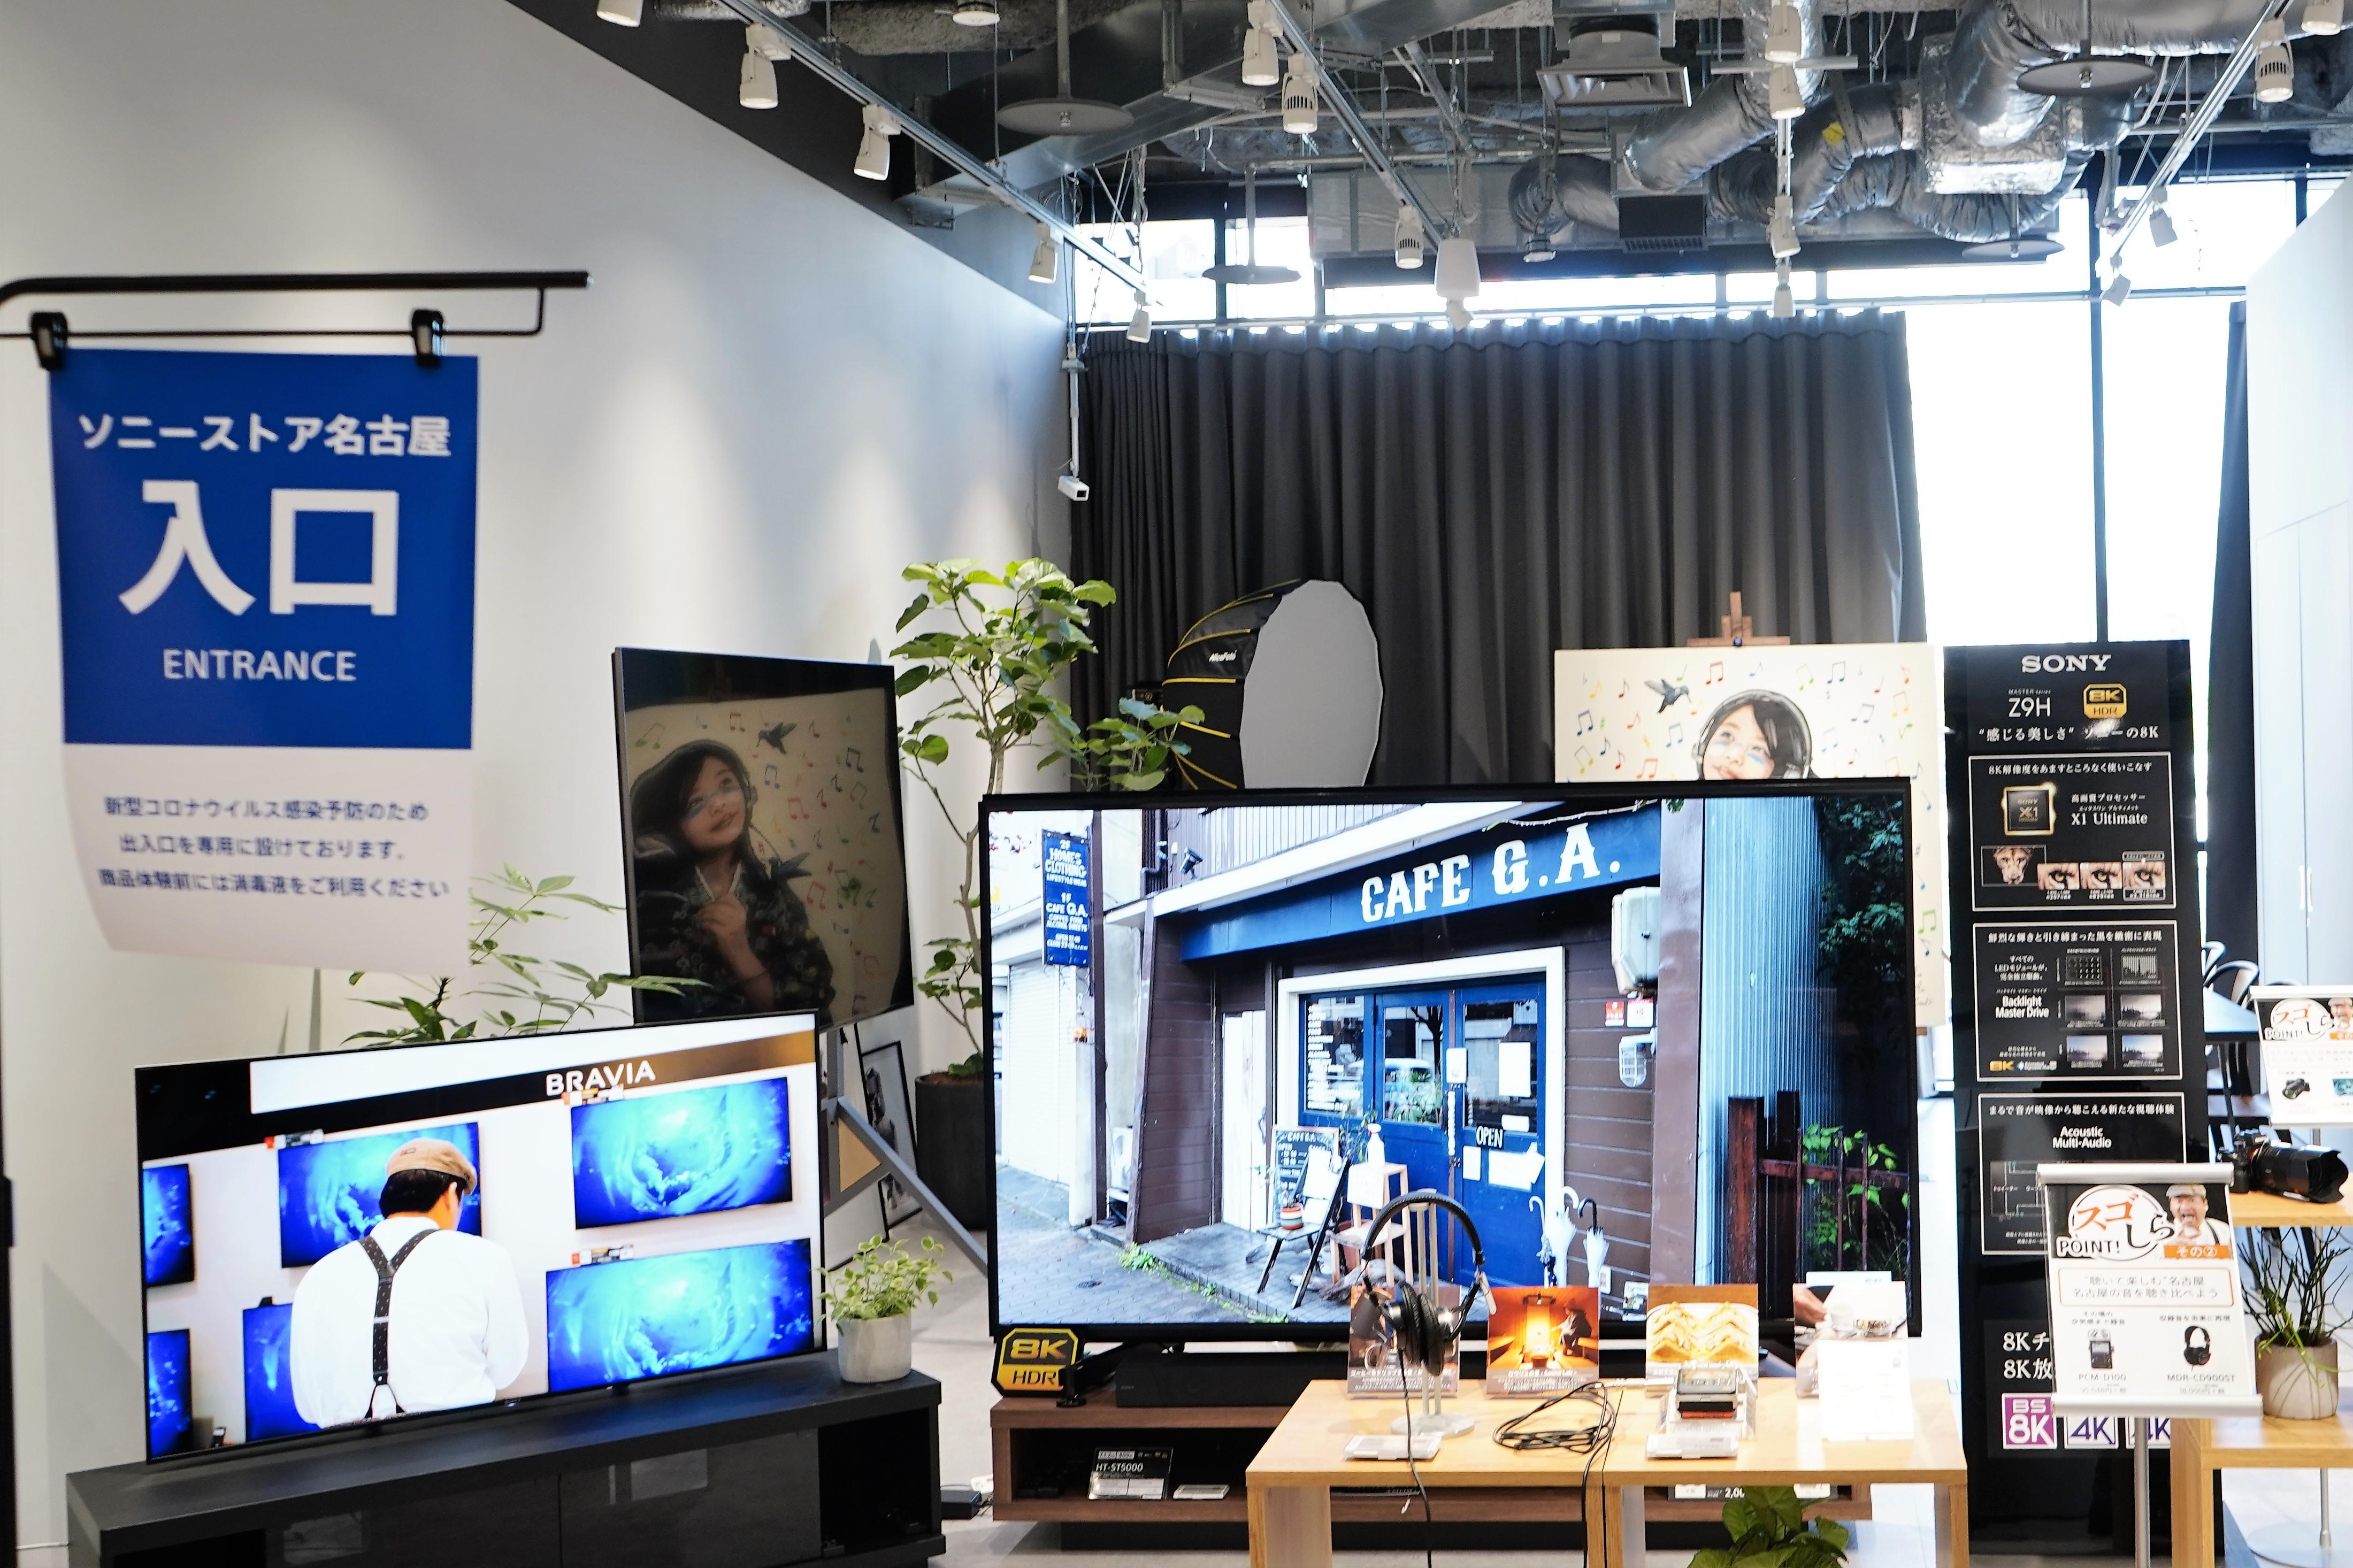 パワーアップしてオープン!「ソニーストア名古屋」で最新技術を体験しよう - DSC04811 2